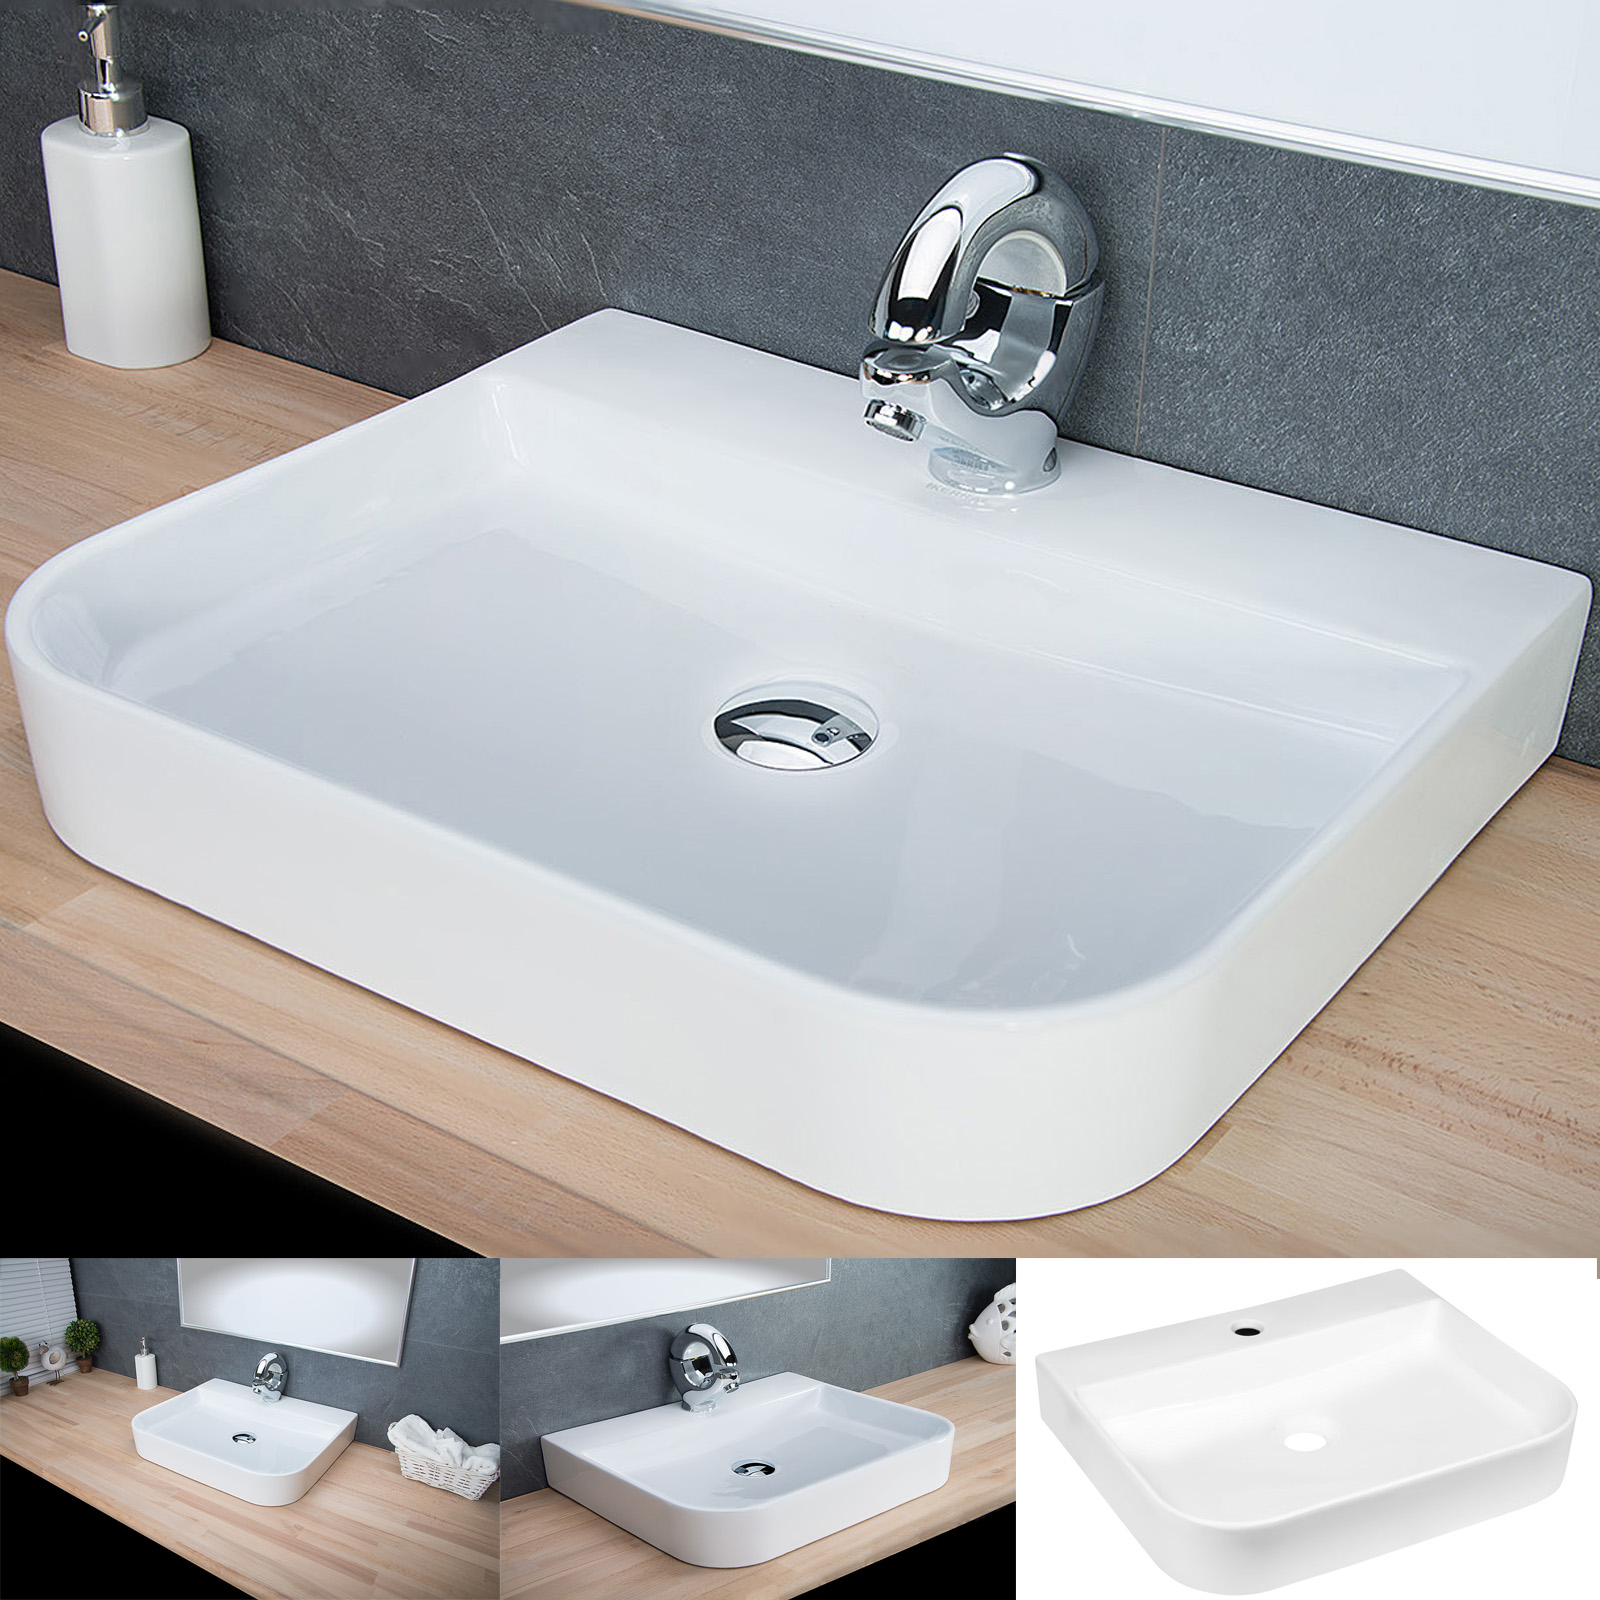 design keramik eckwaschbecken aufsatzwaschbecken waschtisch